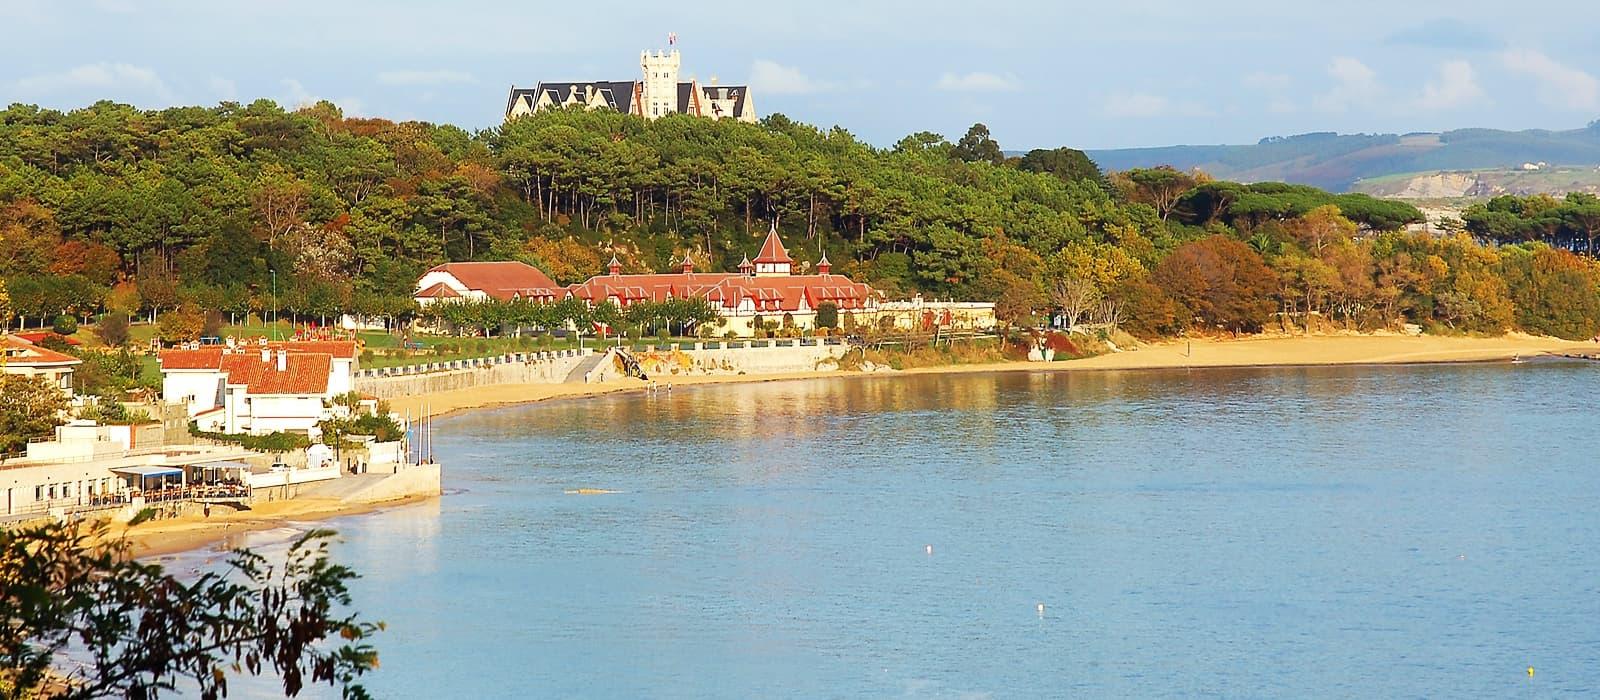 Hotel Santander Puertochico - Vincci Hoteles